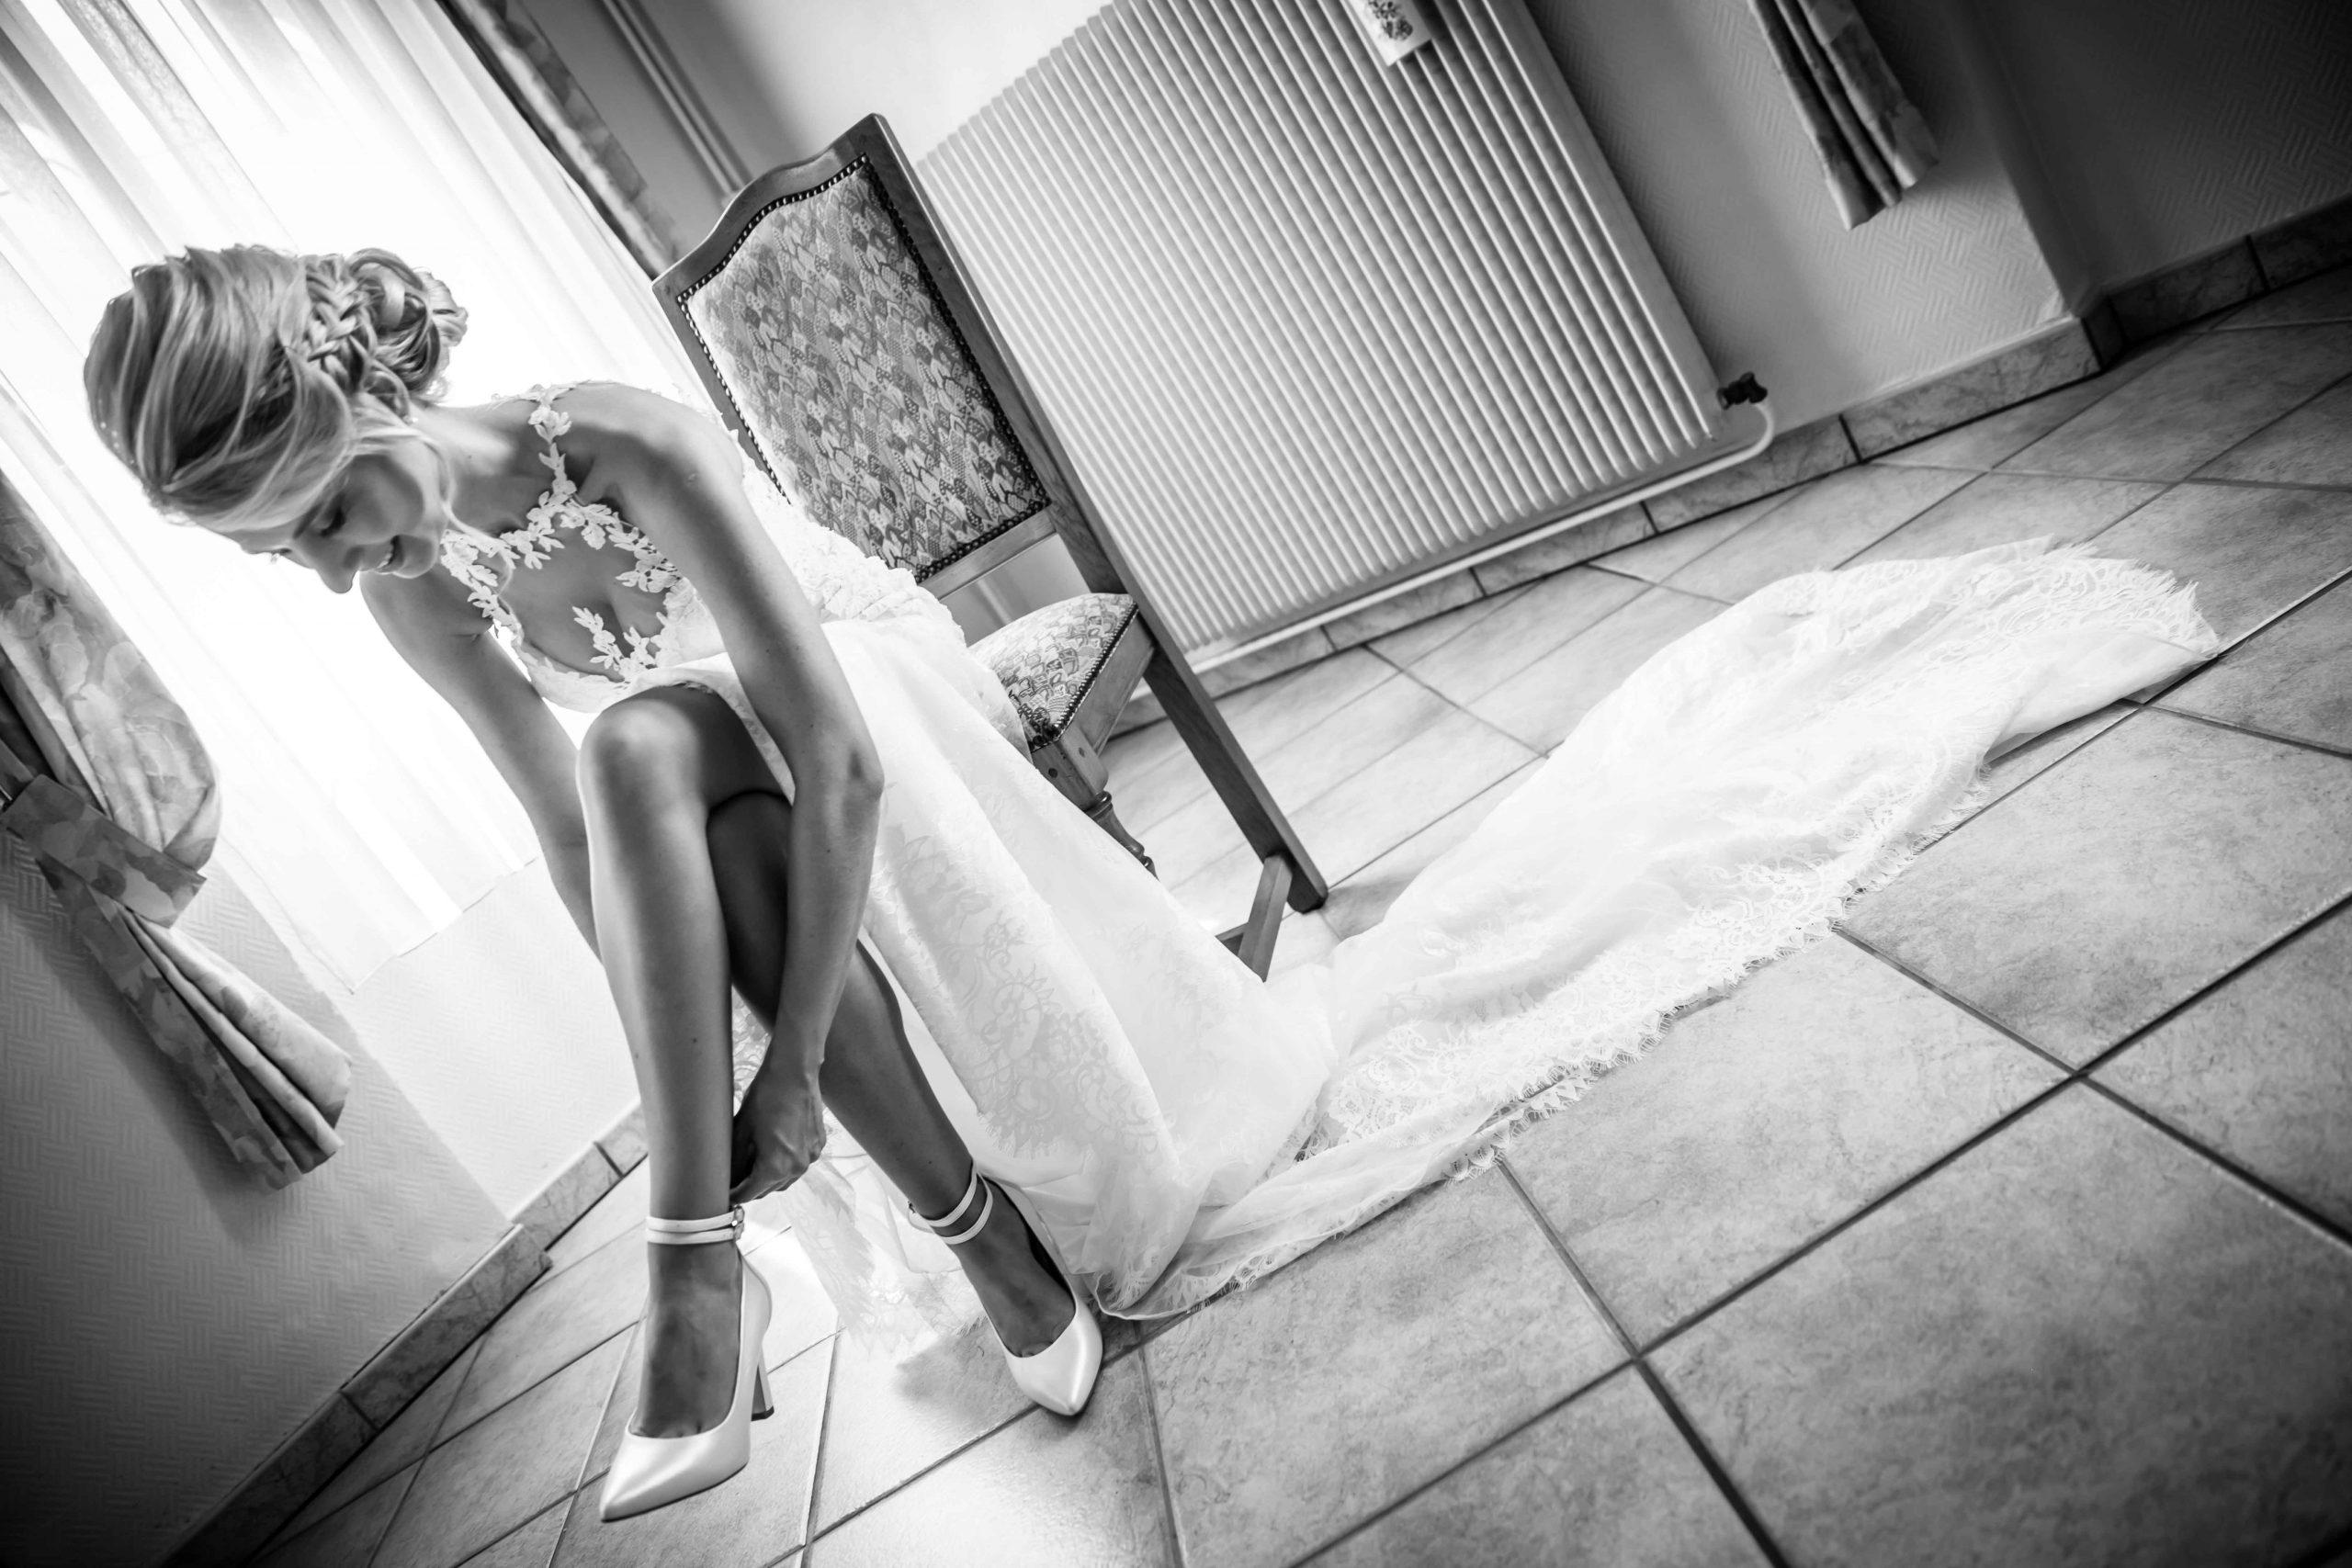 mariage en Alsace, préparatifs du mariage dan sle sundgau